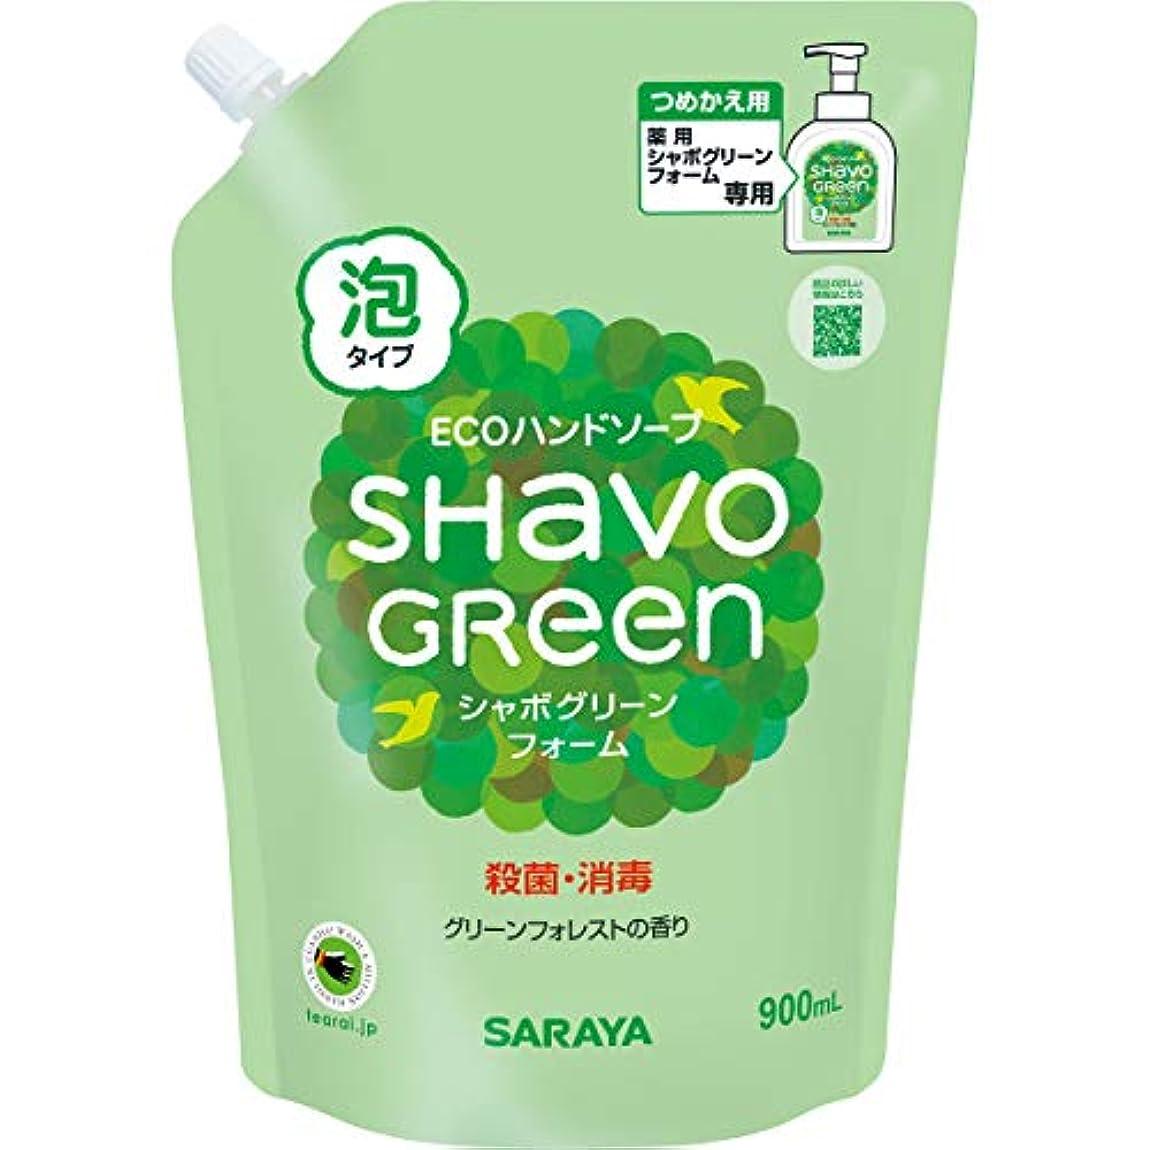 鹿達成コンベンションサラヤ シャボグリーンフォーム 900ml詰替用 石鹸